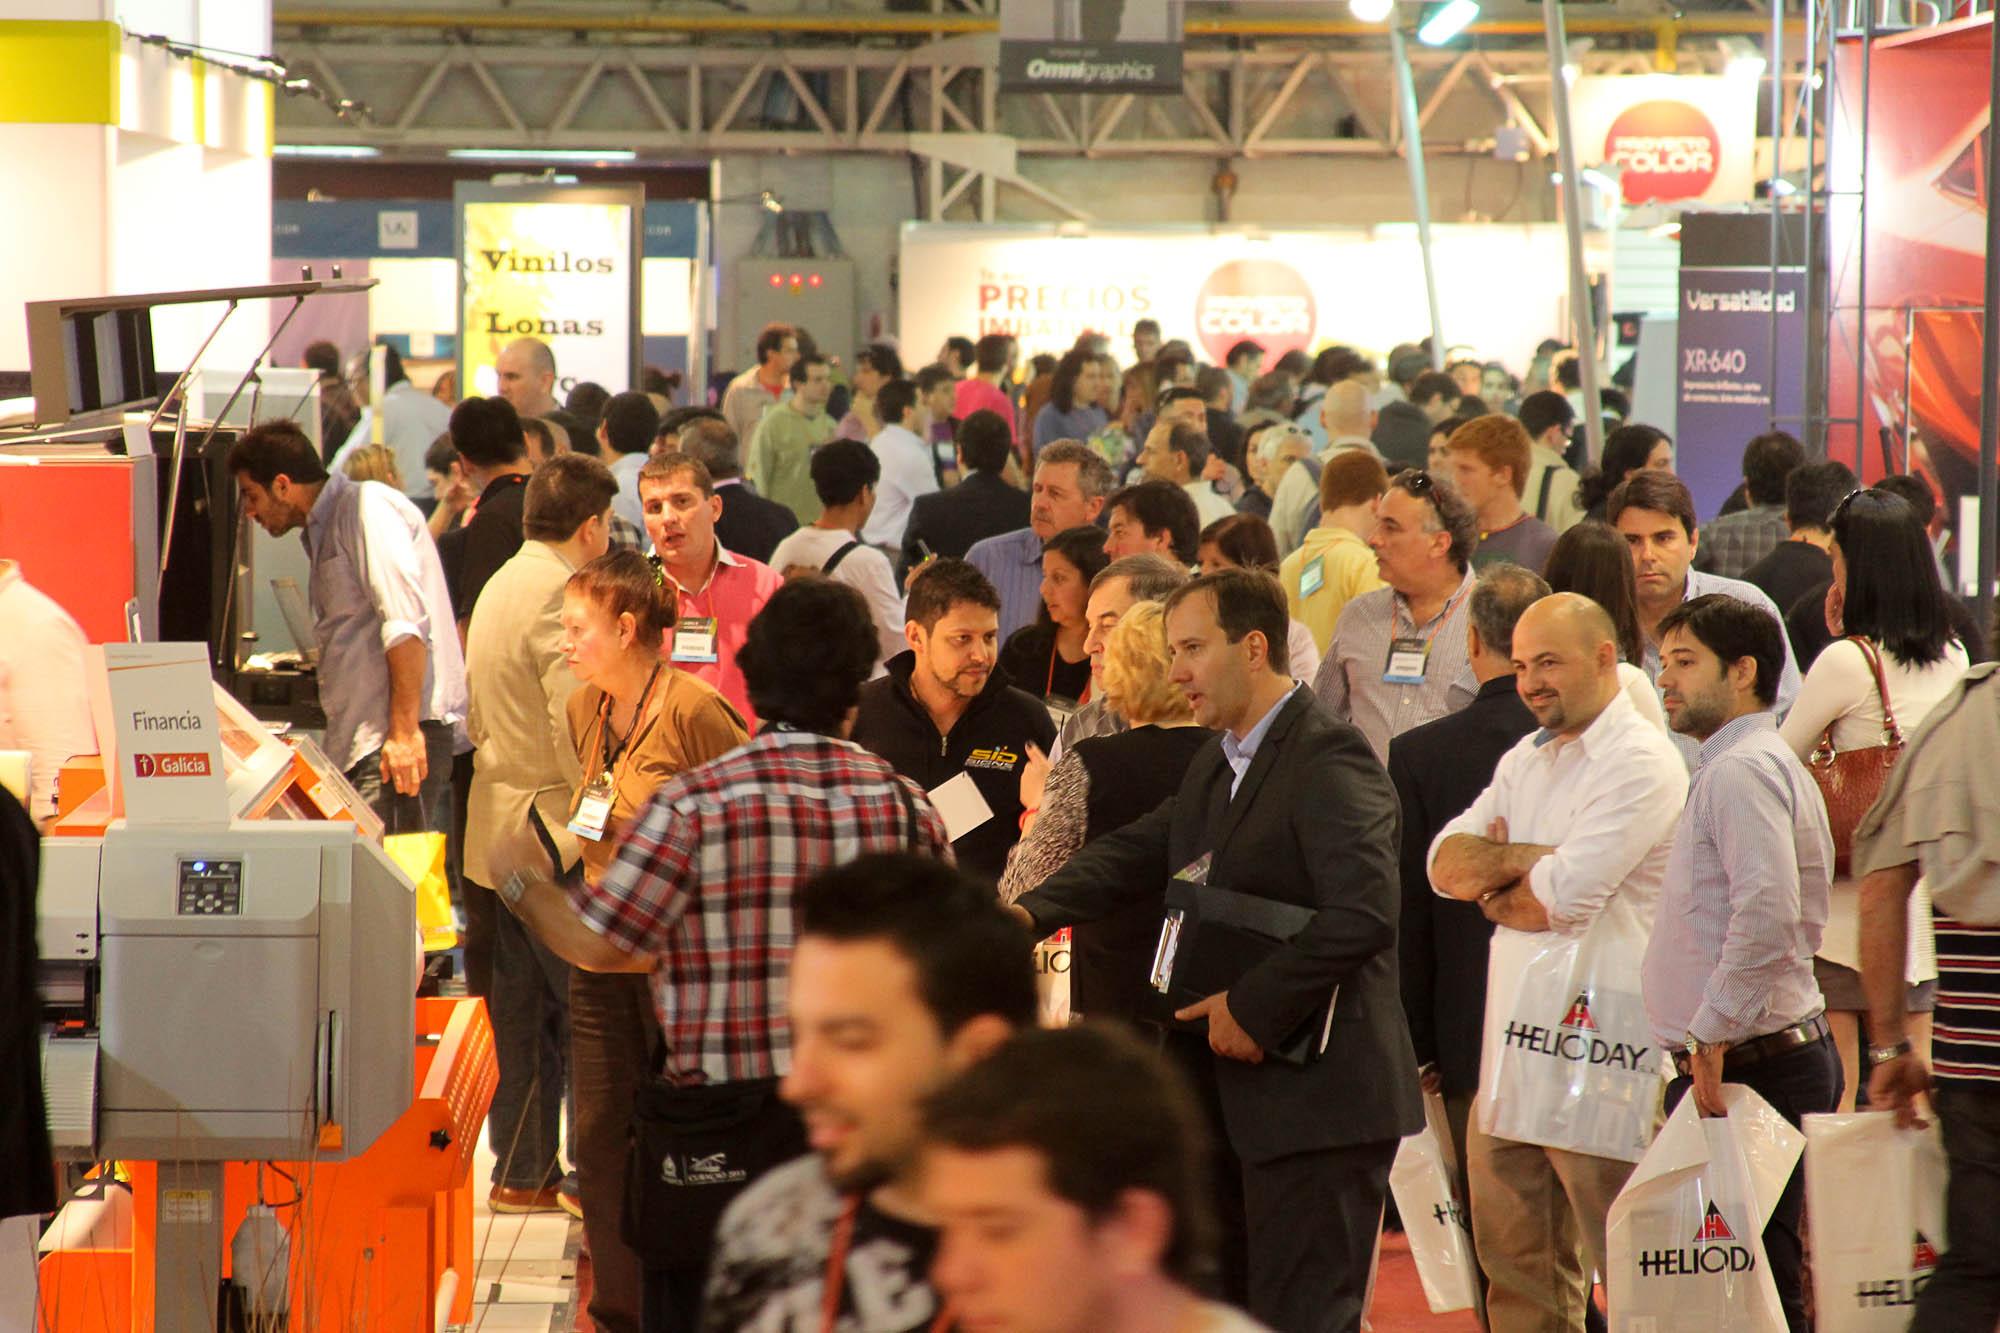 Exposign 2013 Convocó A Los Máximos Referentes Del Sector